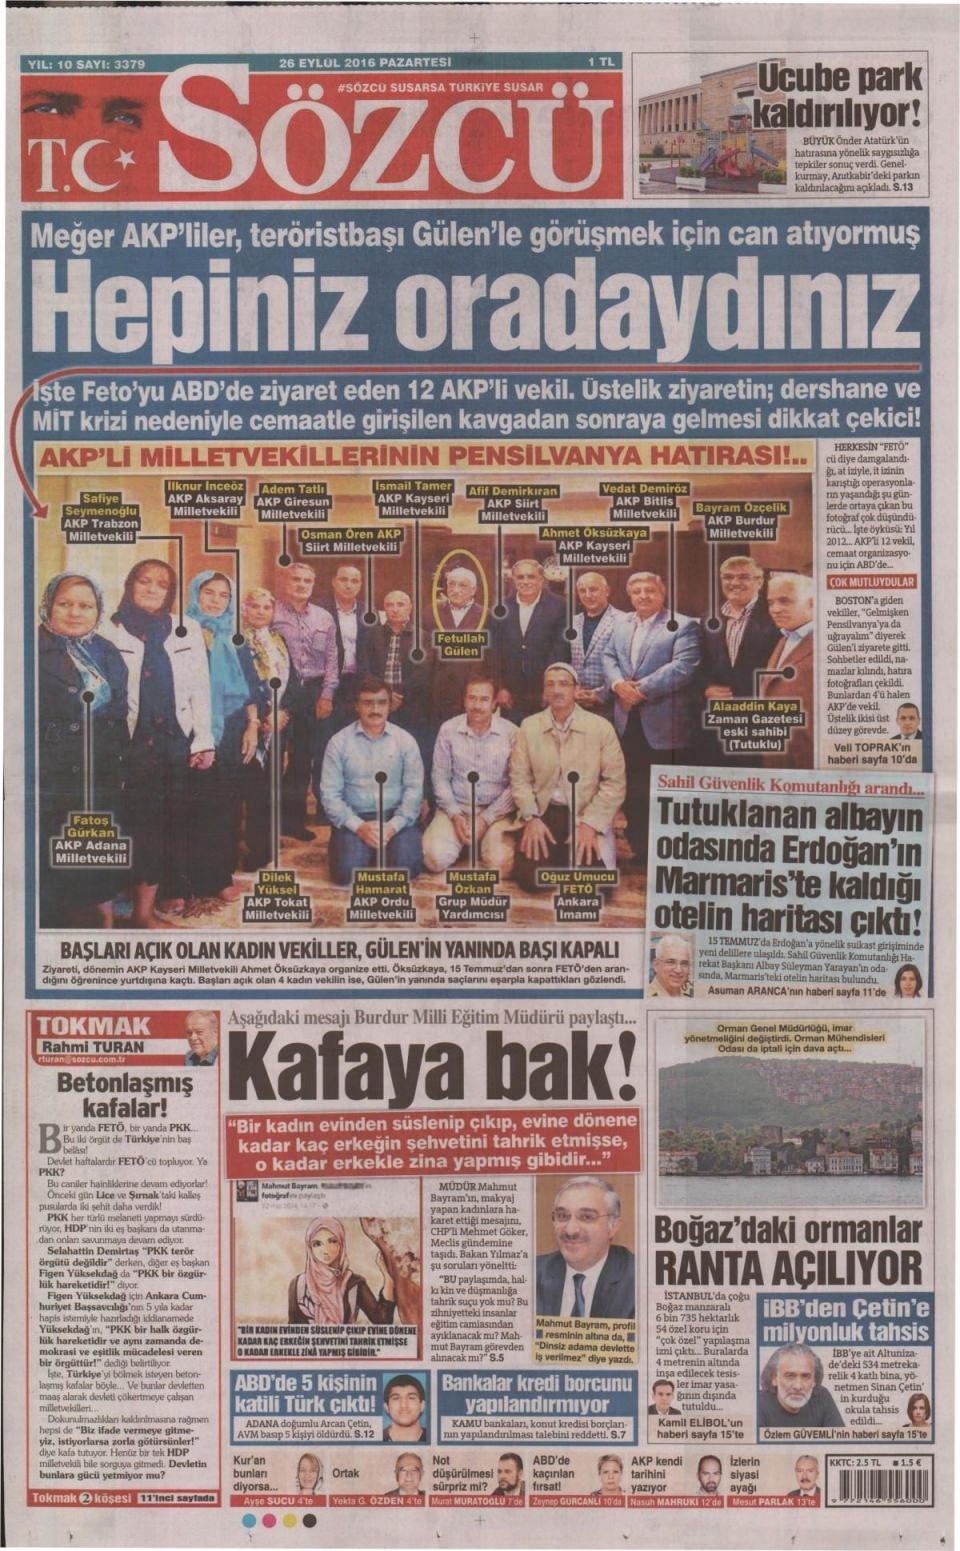 26 Eylül Pazartesi gazete manşetleri 11